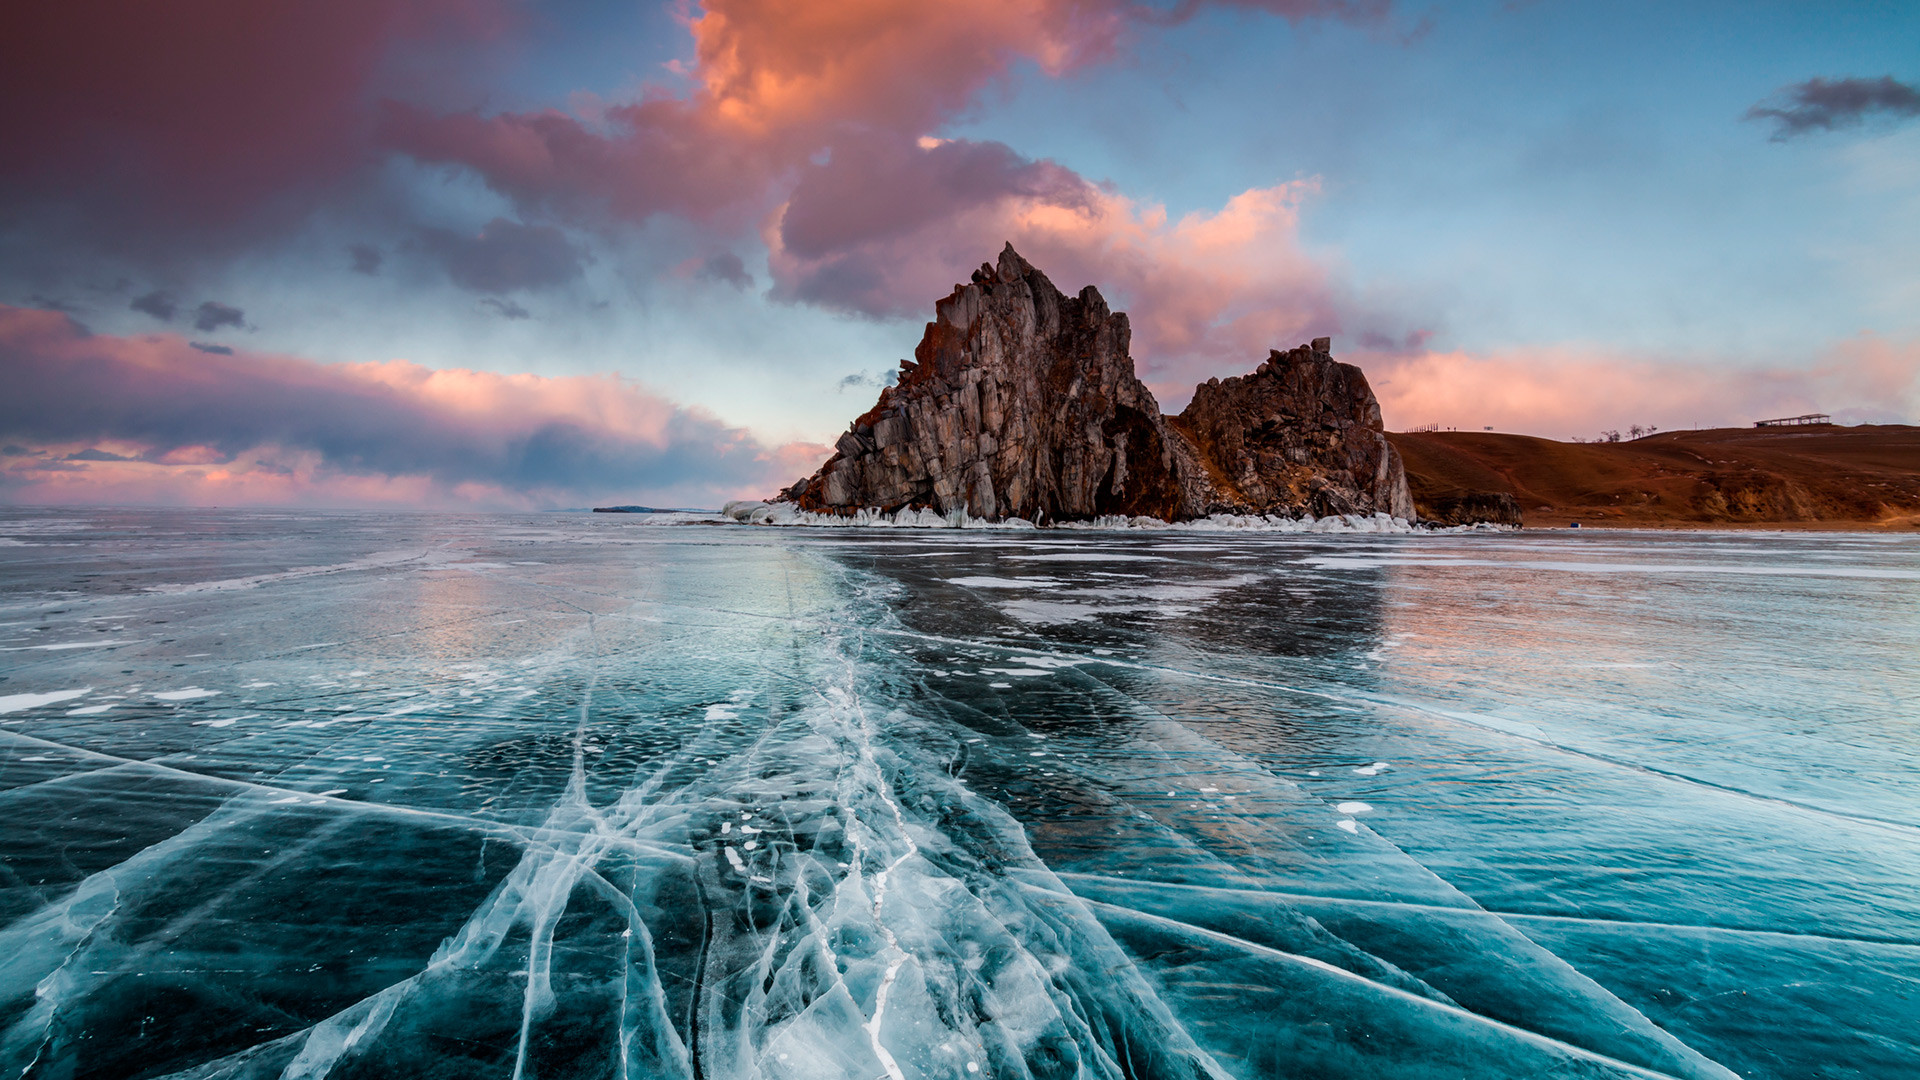 Matahari terbenam di atas Danau Baikal yang membeku.